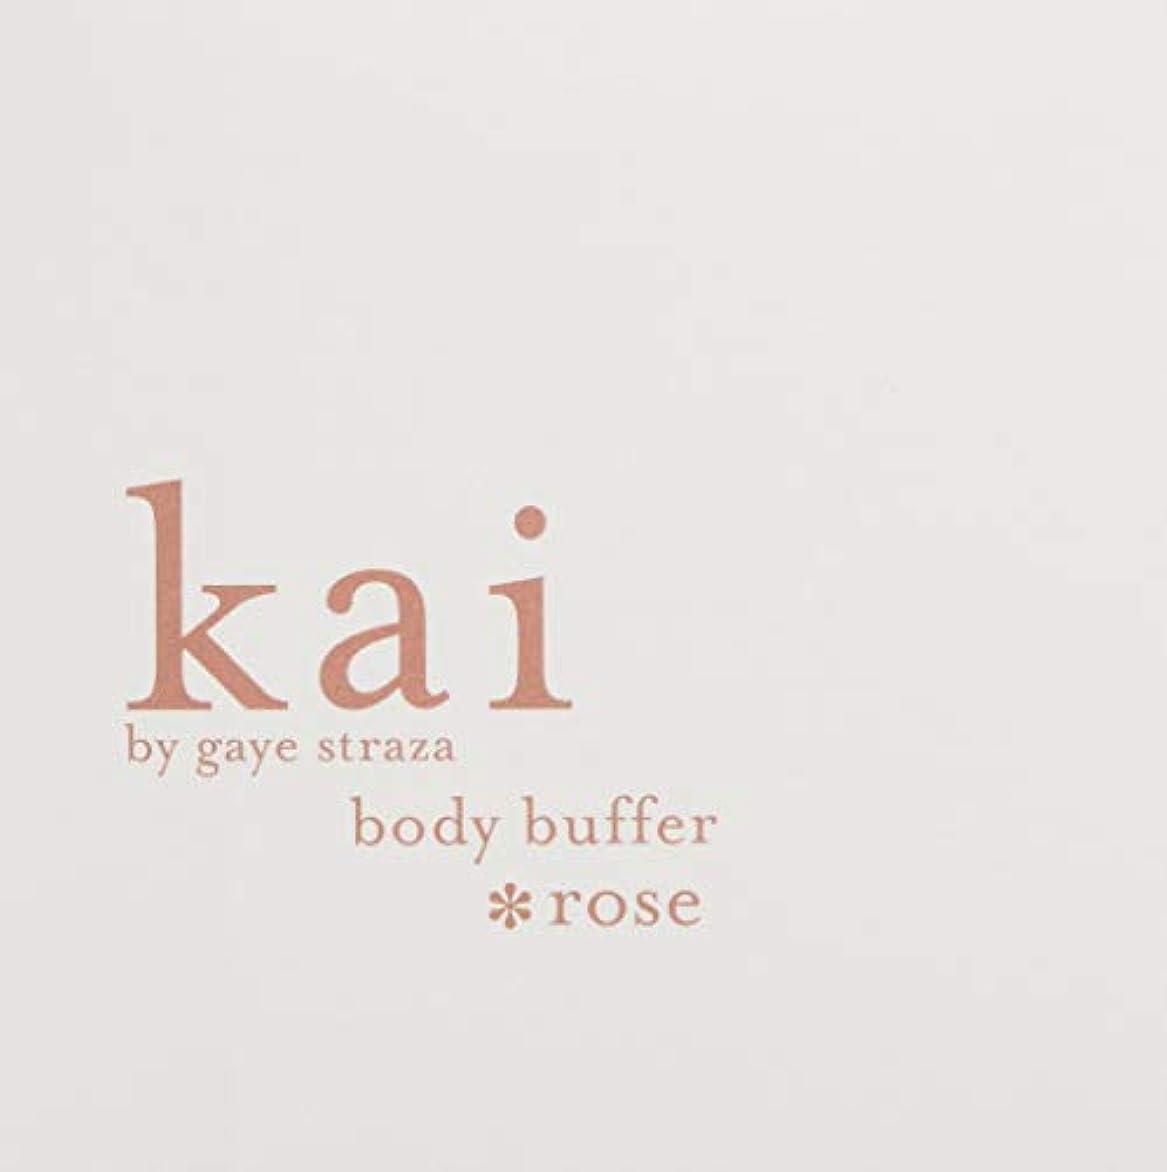 甲虫ノーブルケイ素kai fragrance(カイ フレグランス) ローズ ボディバッファー 78g x 2個